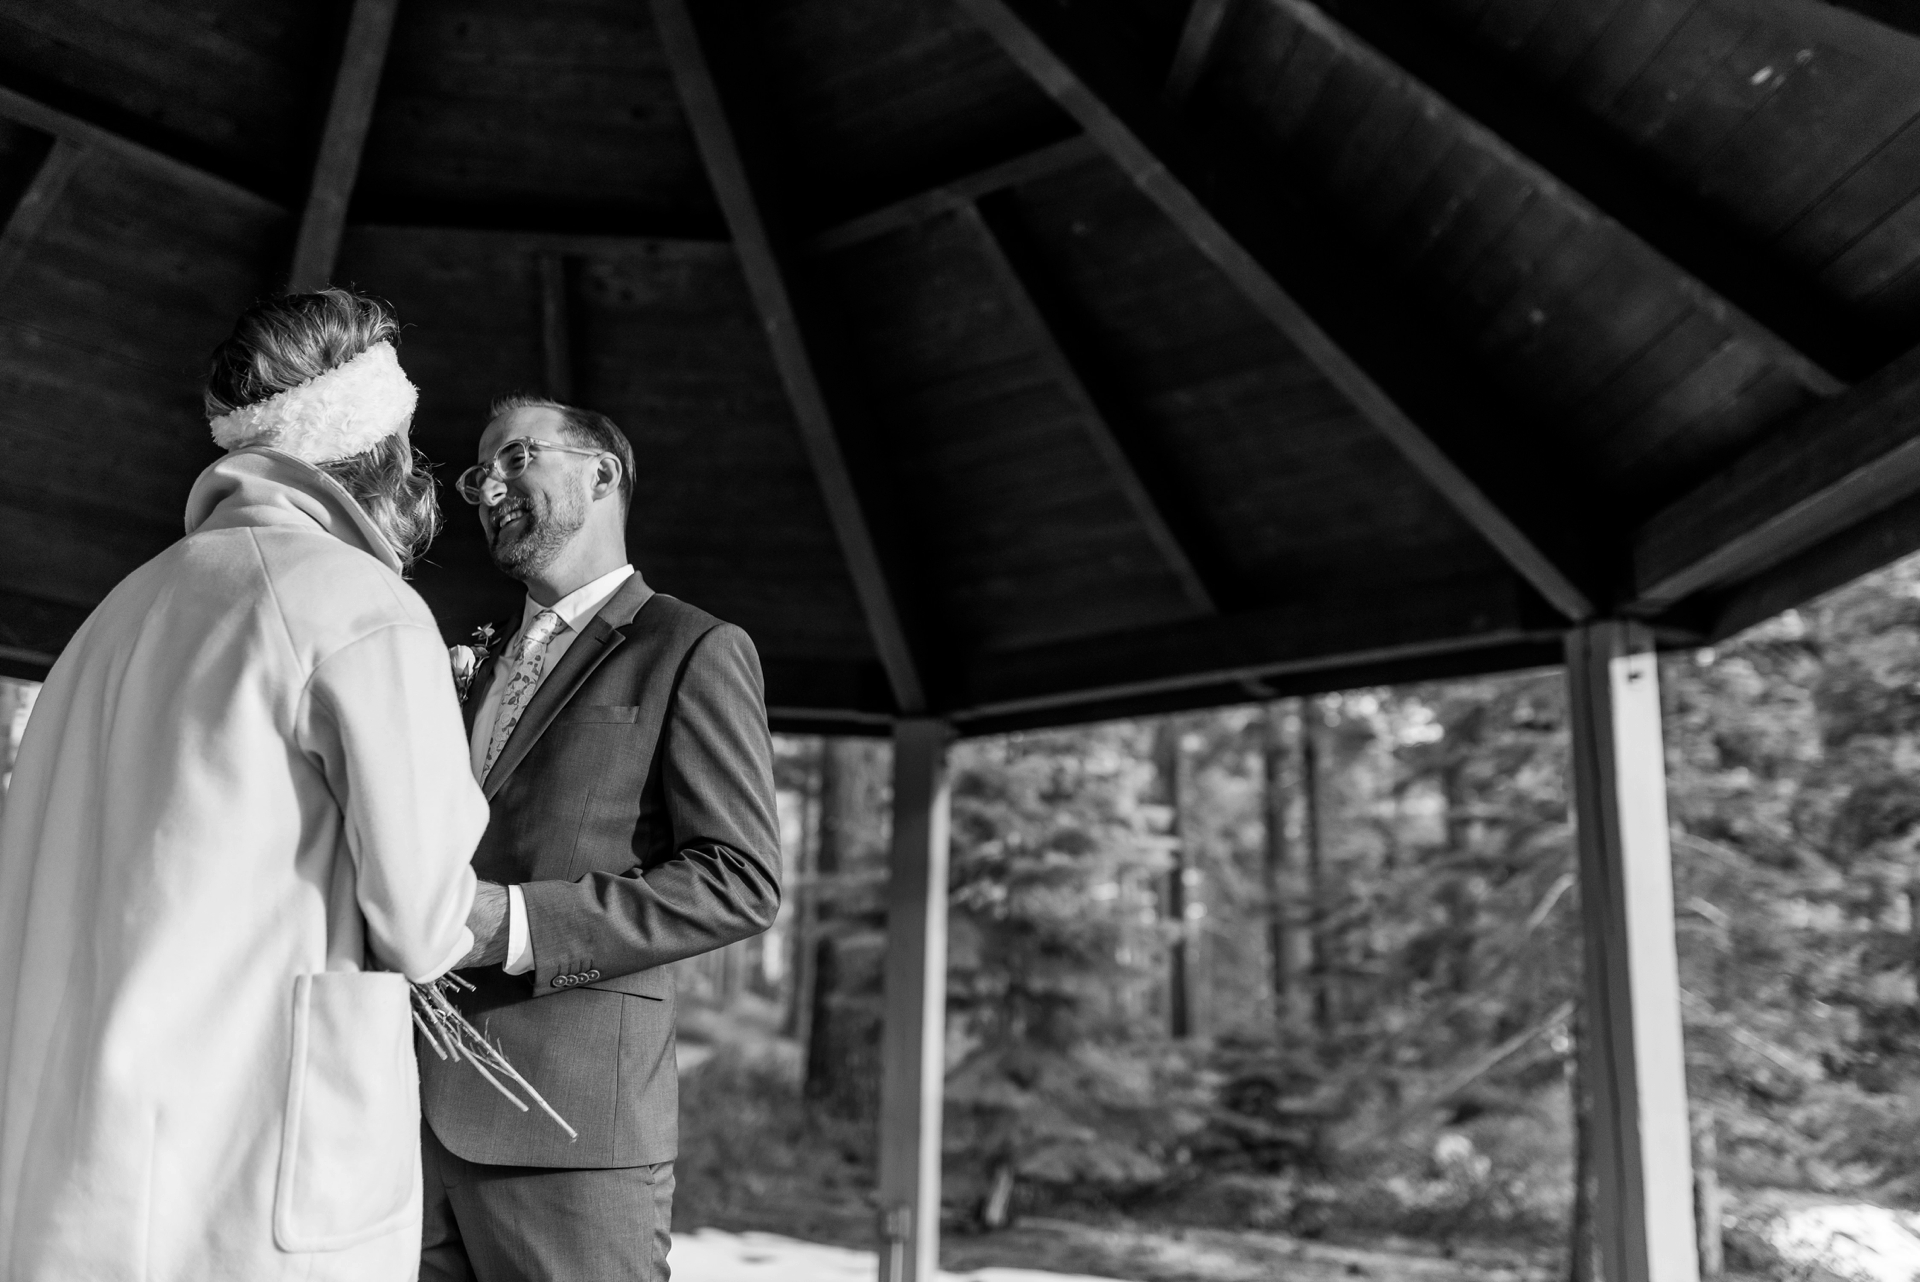 Zephyr Cove, NV elopement image - Les mariés partagent leurs vœux sous un gazebo.